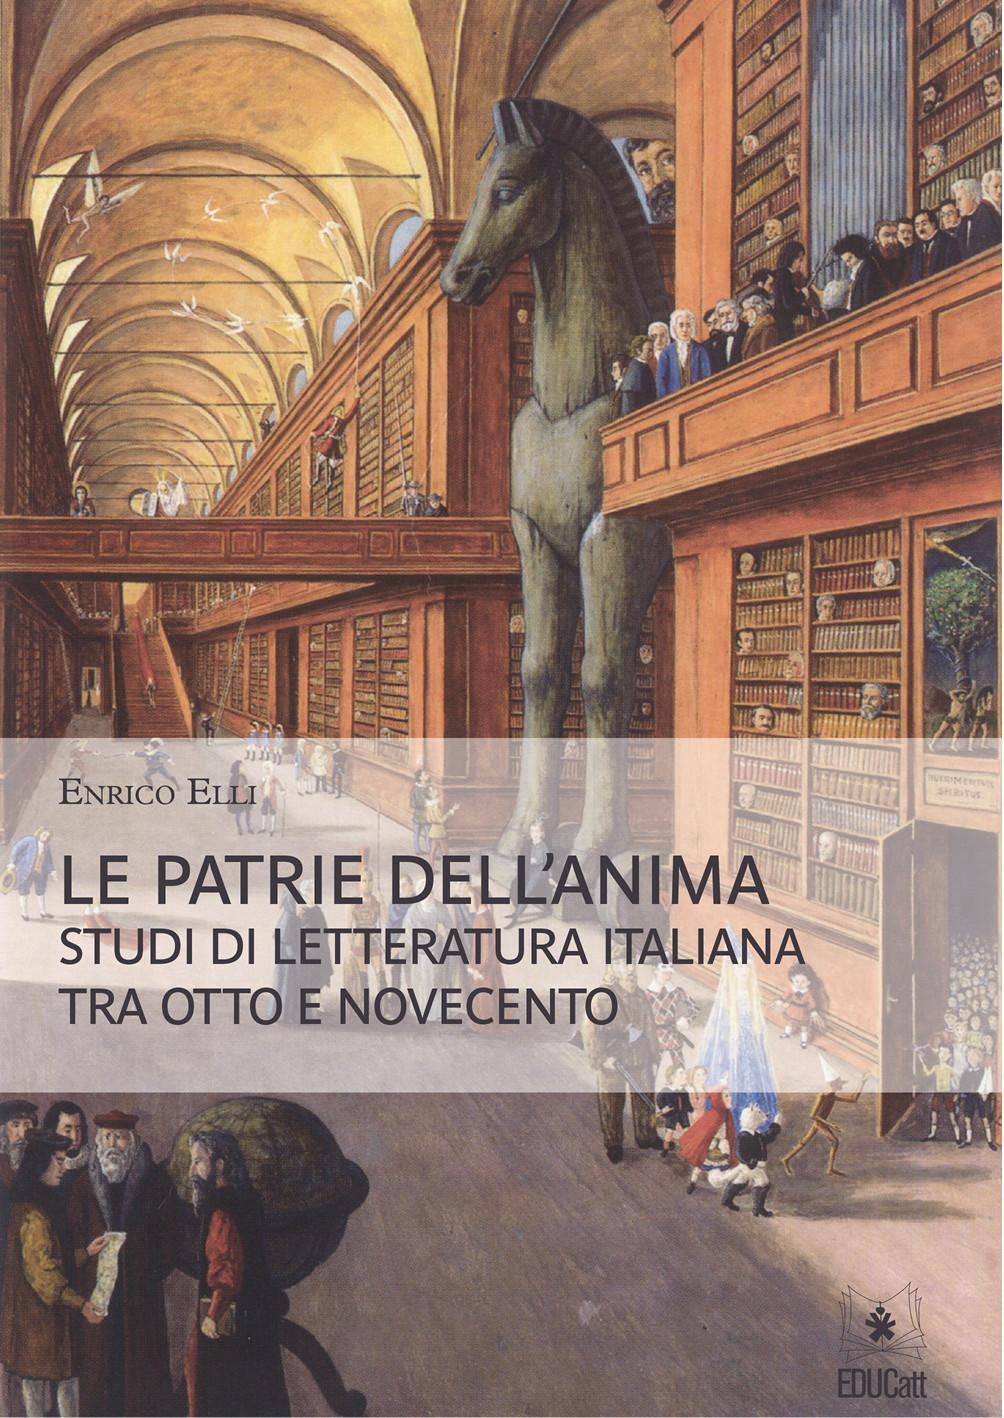 LE PATRIE DELL'ANIMA STUDI DI LETTERATURA ITALIANA TRA OTTO E NOVECENTO